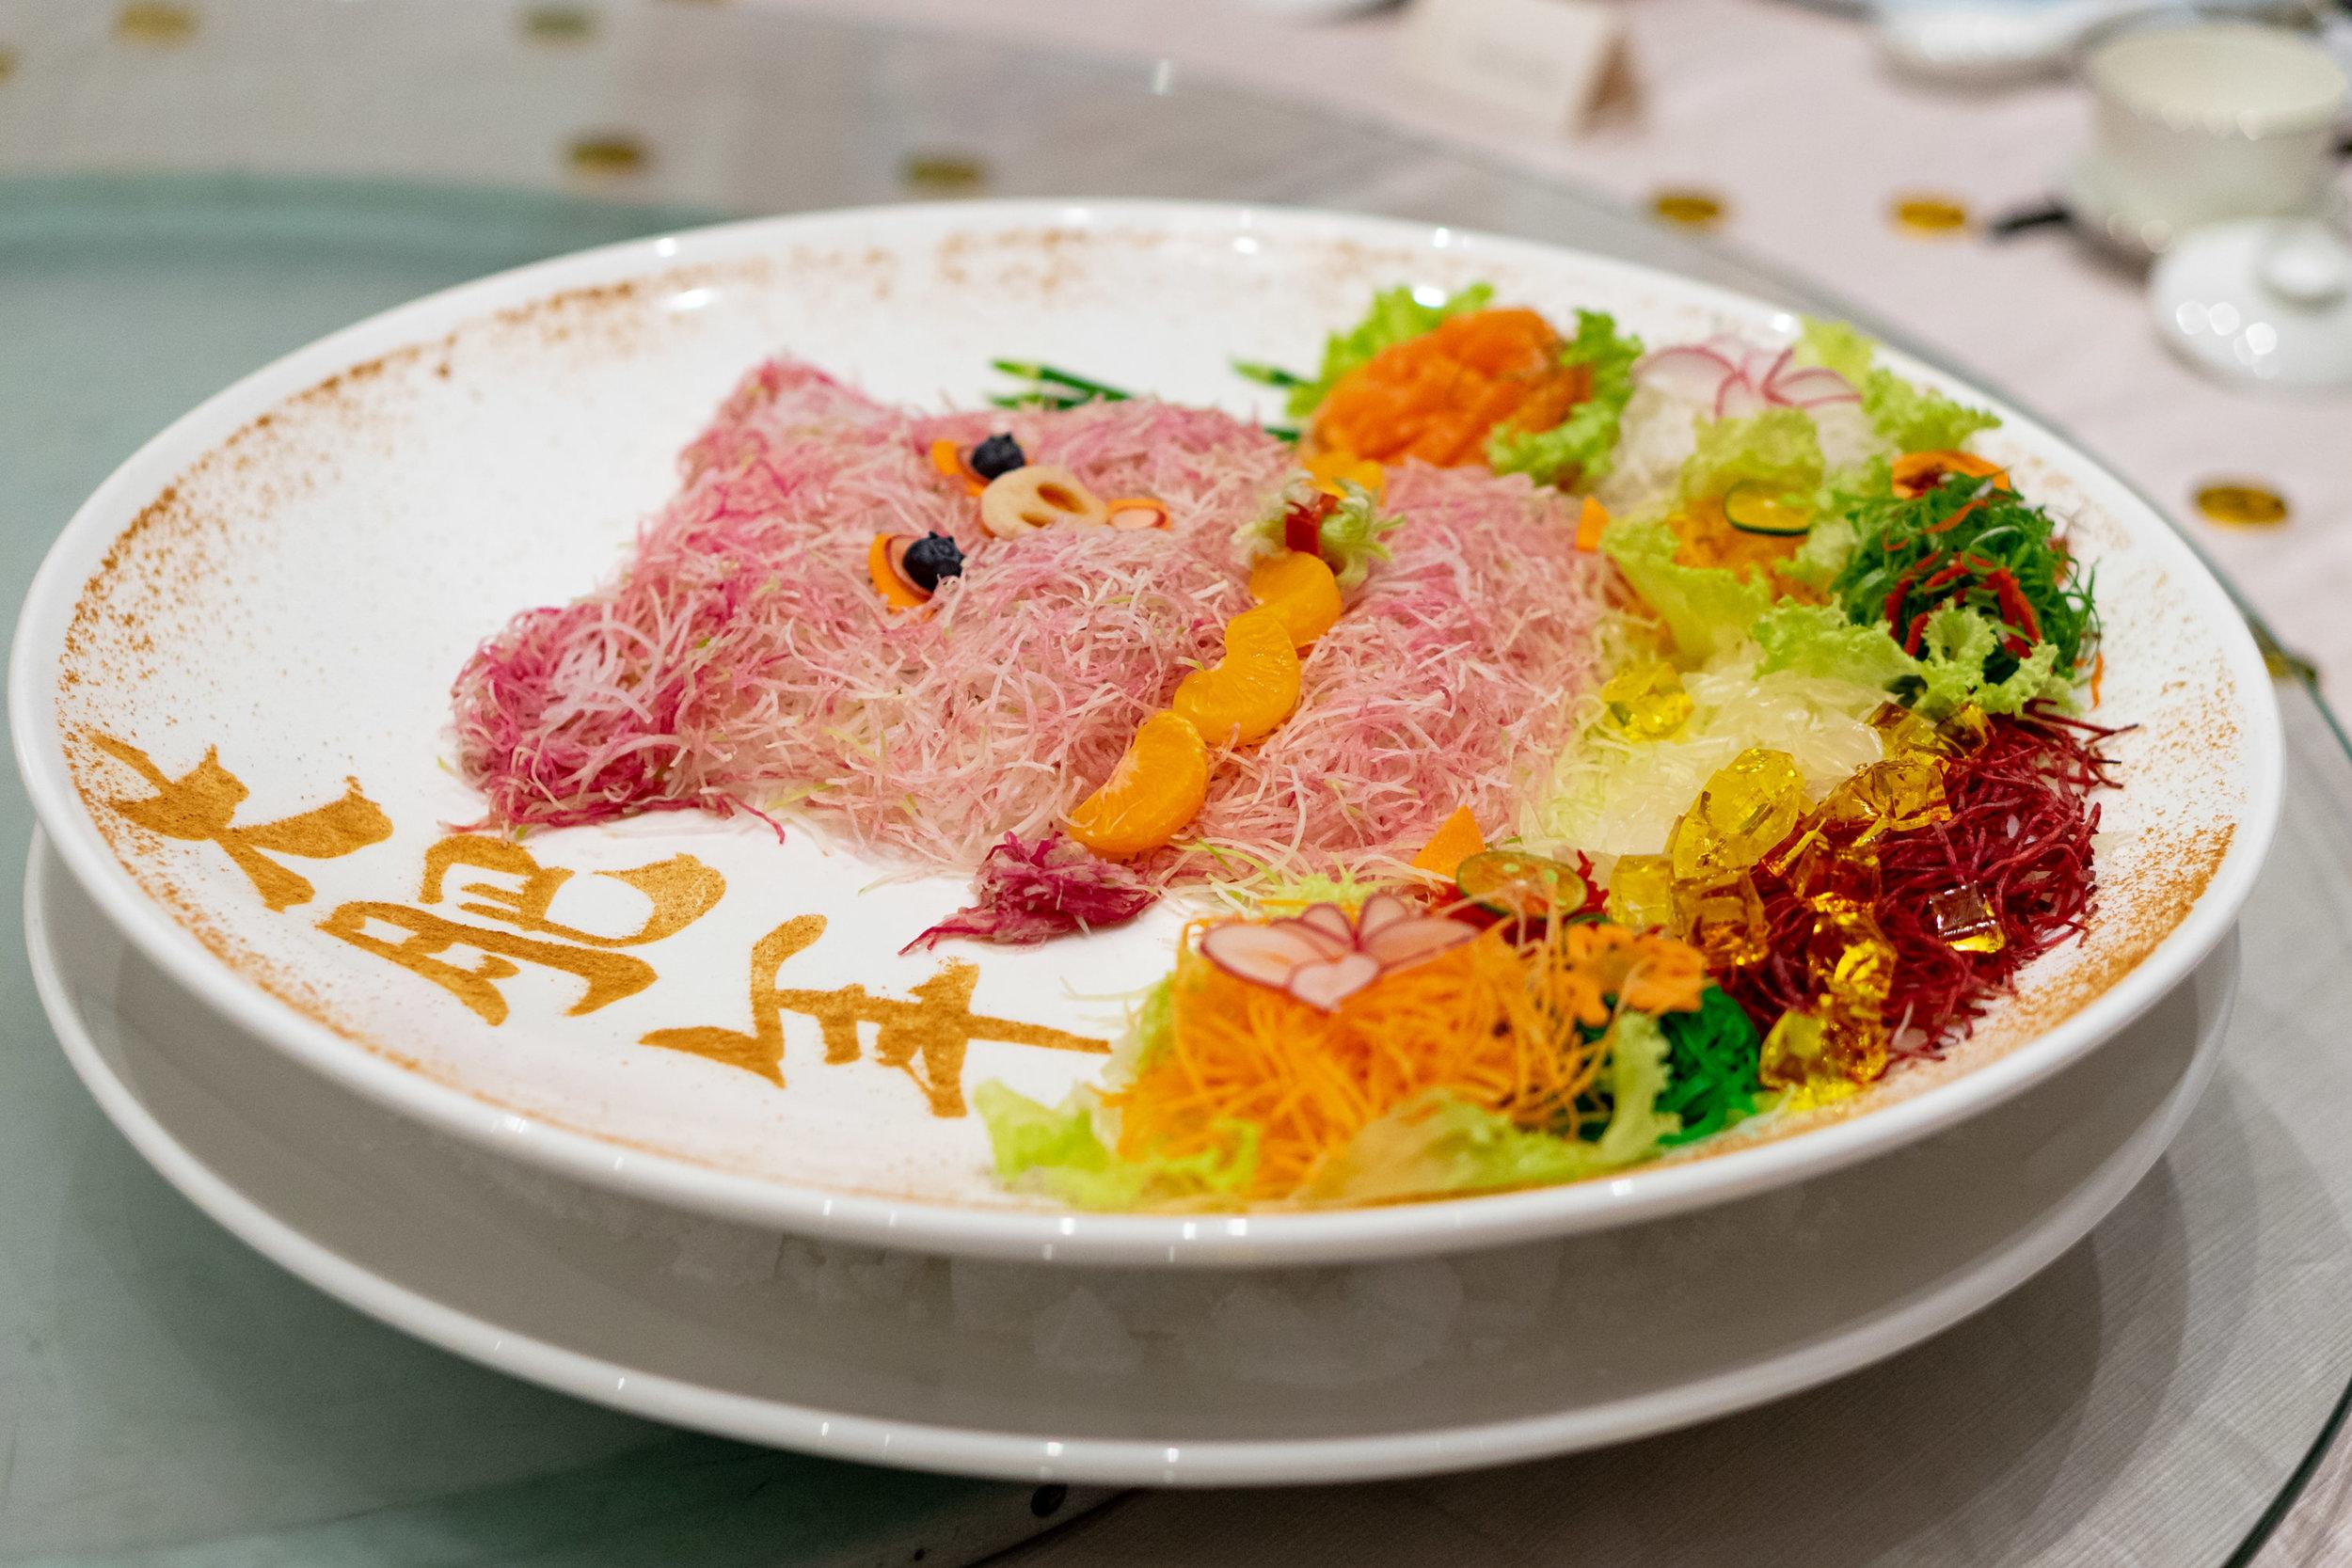 Special Piggy Edition Gold Rush Yu Sheng 金猪招财鱼生 – 三文鱼金箔香槟冻鱼生 (特别版本)